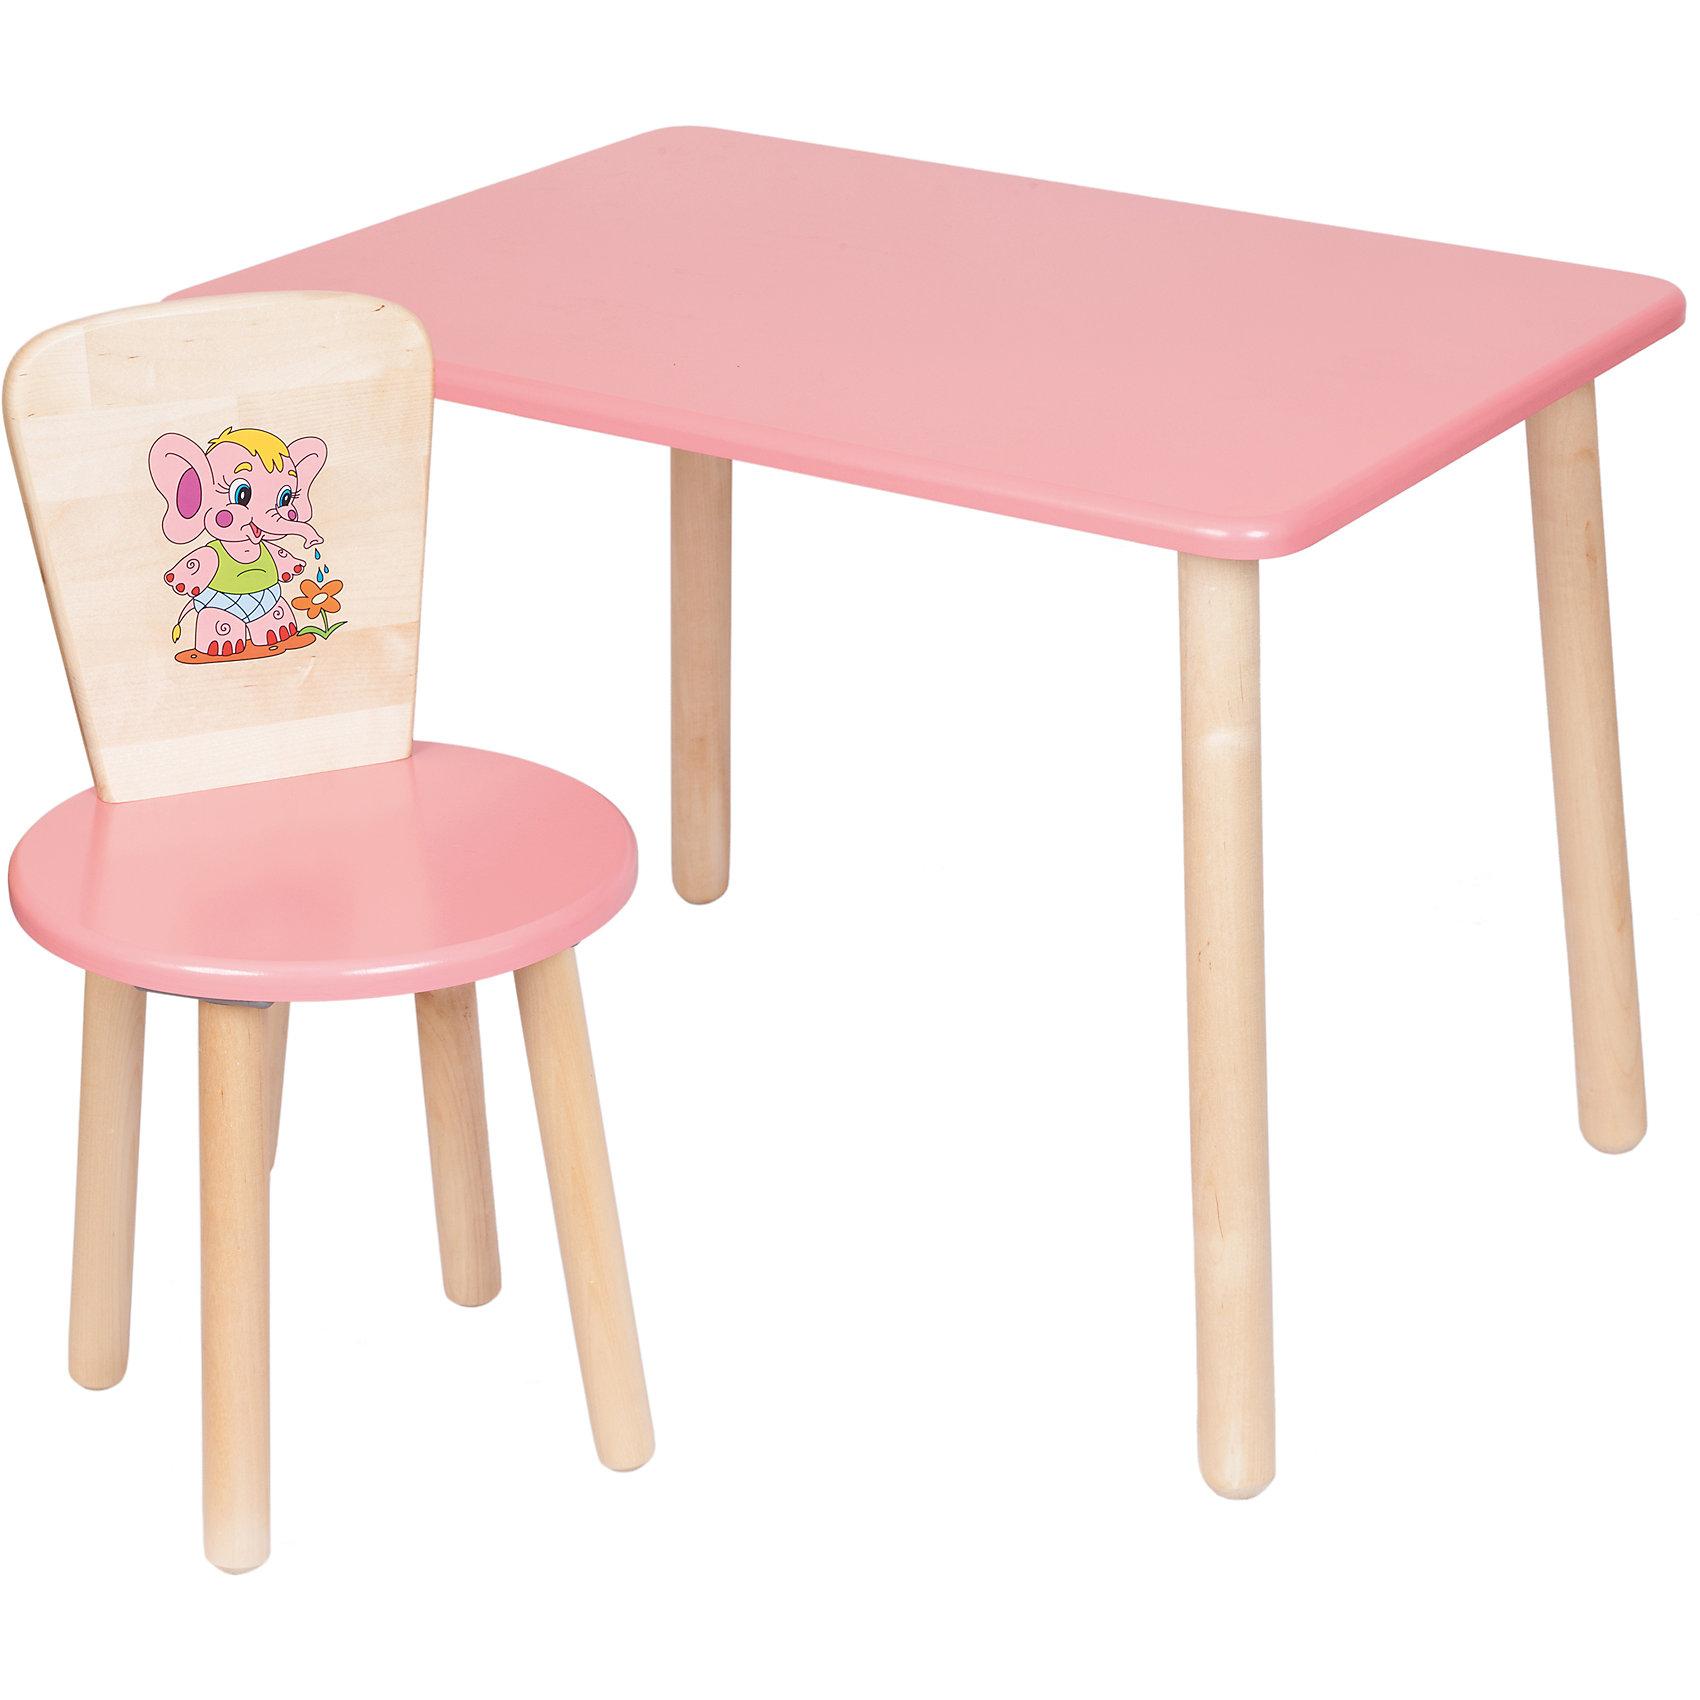 Набор мебели Эко № 1, розовыйМебель<br>Набор мебели Эко от известного производителя Русэкомебель - практичный и красивый комплект, состоящий из стола и стула. Яркая мебель прекрасно впишется в интерьер детской и обязательно понравится вашему ребенку. Стул и стол не имеют острых углов, которые могут травмировать малышей. Гладкая поверхность столешницы и сиденья позволяет легко устранять любые загрязнения. Стол прямоугольной формы идеально подойдет для занятий, игр и творчества. Набор выполнен из высококачественных материалов, раскрашен безопасными, экологичными и нетоксичными красителями.  <br><br>Дополнительная информация:<br><br>- Комплектация: стол, стул.<br>- Материал: дерево (береза), МДФ.<br>- Не имеет острых углов. <br>- Размер столешницы: 45x60 см. <br>- Высота стола: 52 см.<br>- Диаметр стула: 31 см. <br>- Высота стула: 57 см.<br>- Высота стула (от пола до сиденья): 32 см.<br><br>Набор мебели Эко № 1, розовый, можно купить в нашем магазине.<br><br>Ширина мм: 730<br>Глубина мм: 530<br>Высота мм: 140<br>Вес г: 8400<br>Возраст от месяцев: 24<br>Возраст до месяцев: 84<br>Пол: Унисекс<br>Возраст: Детский<br>SKU: 4756479